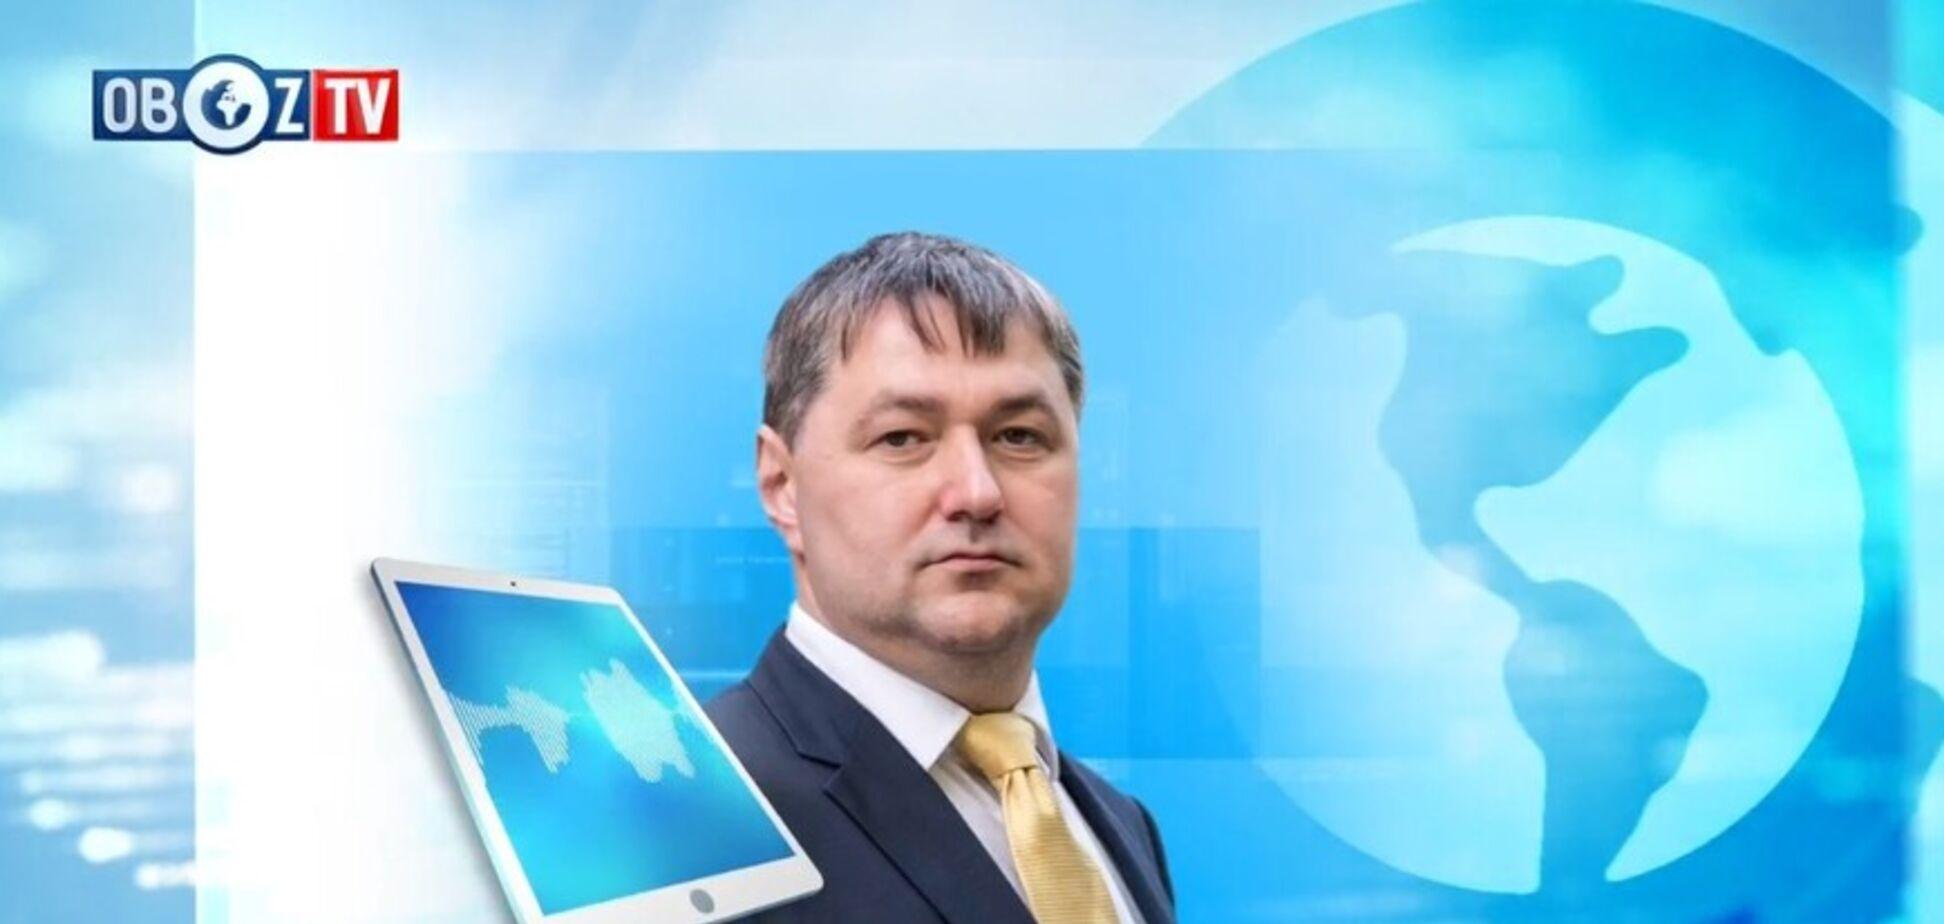 Новая объездная дорога вокруг Львова будет стоить почти 1 млн евро: Александр Кава